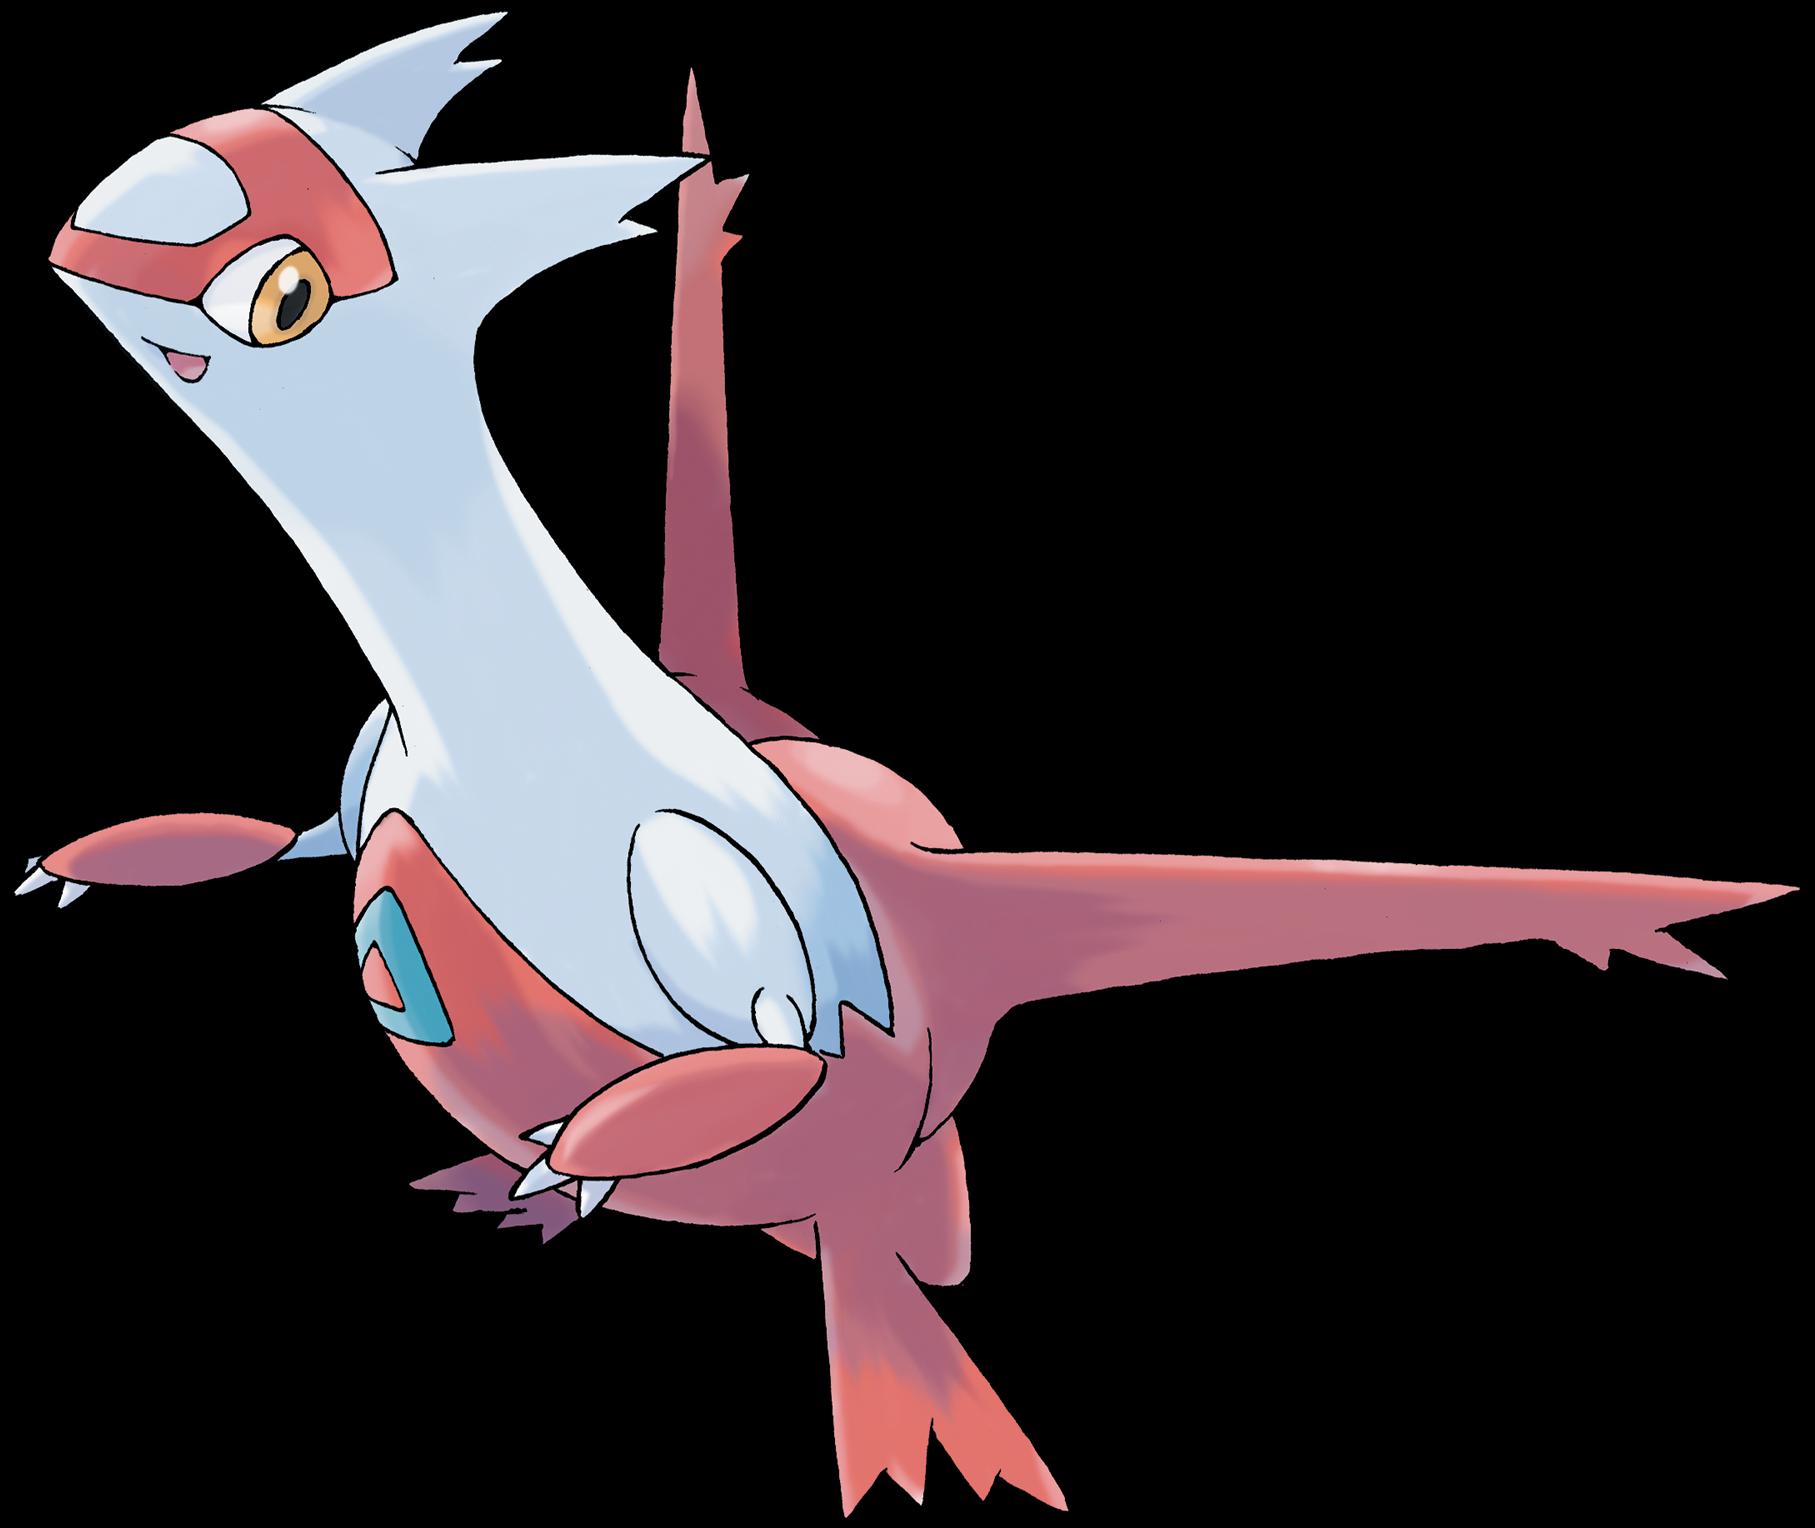 Pokemon Ausmalbilder Arktos : Ungew Hnlich Legend Re Pokemon F Rbung Seite Zeitgen Ssisch